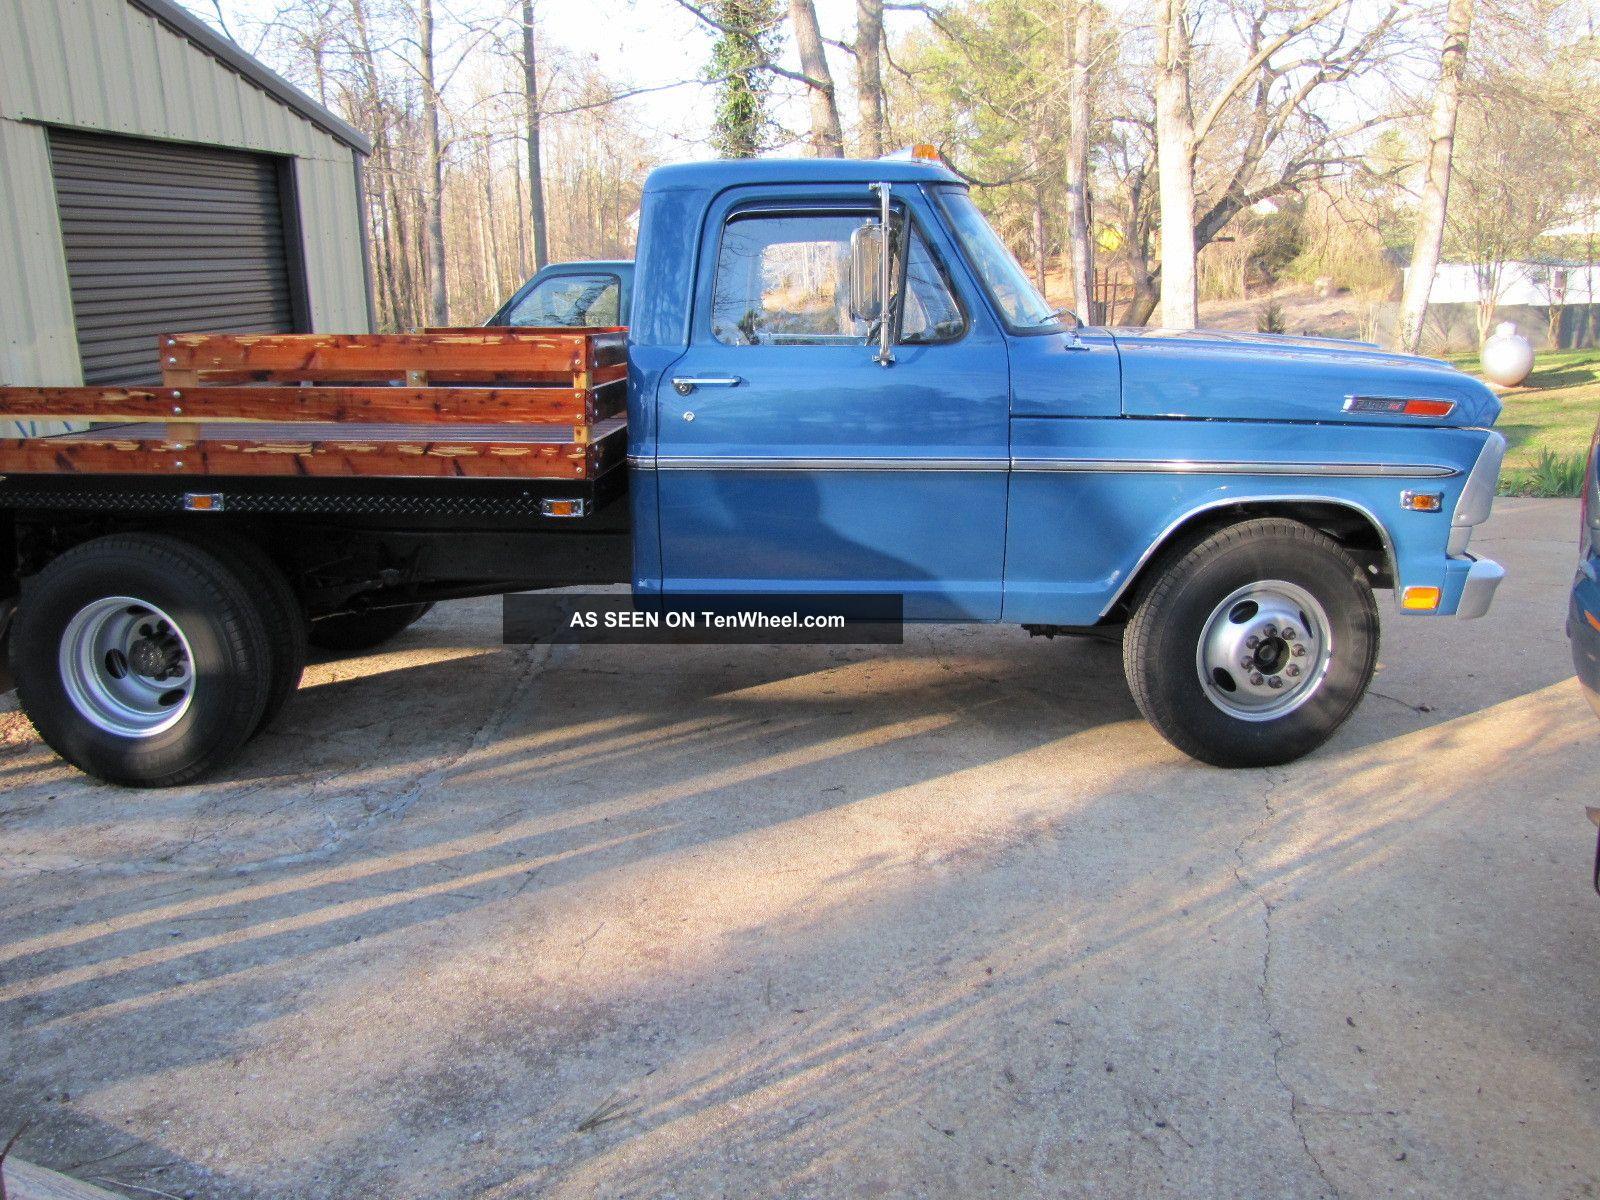 1968 Ford F2501968 F350 1967 Truck F250 4x4 High Boy 1969 F 250 Highboy